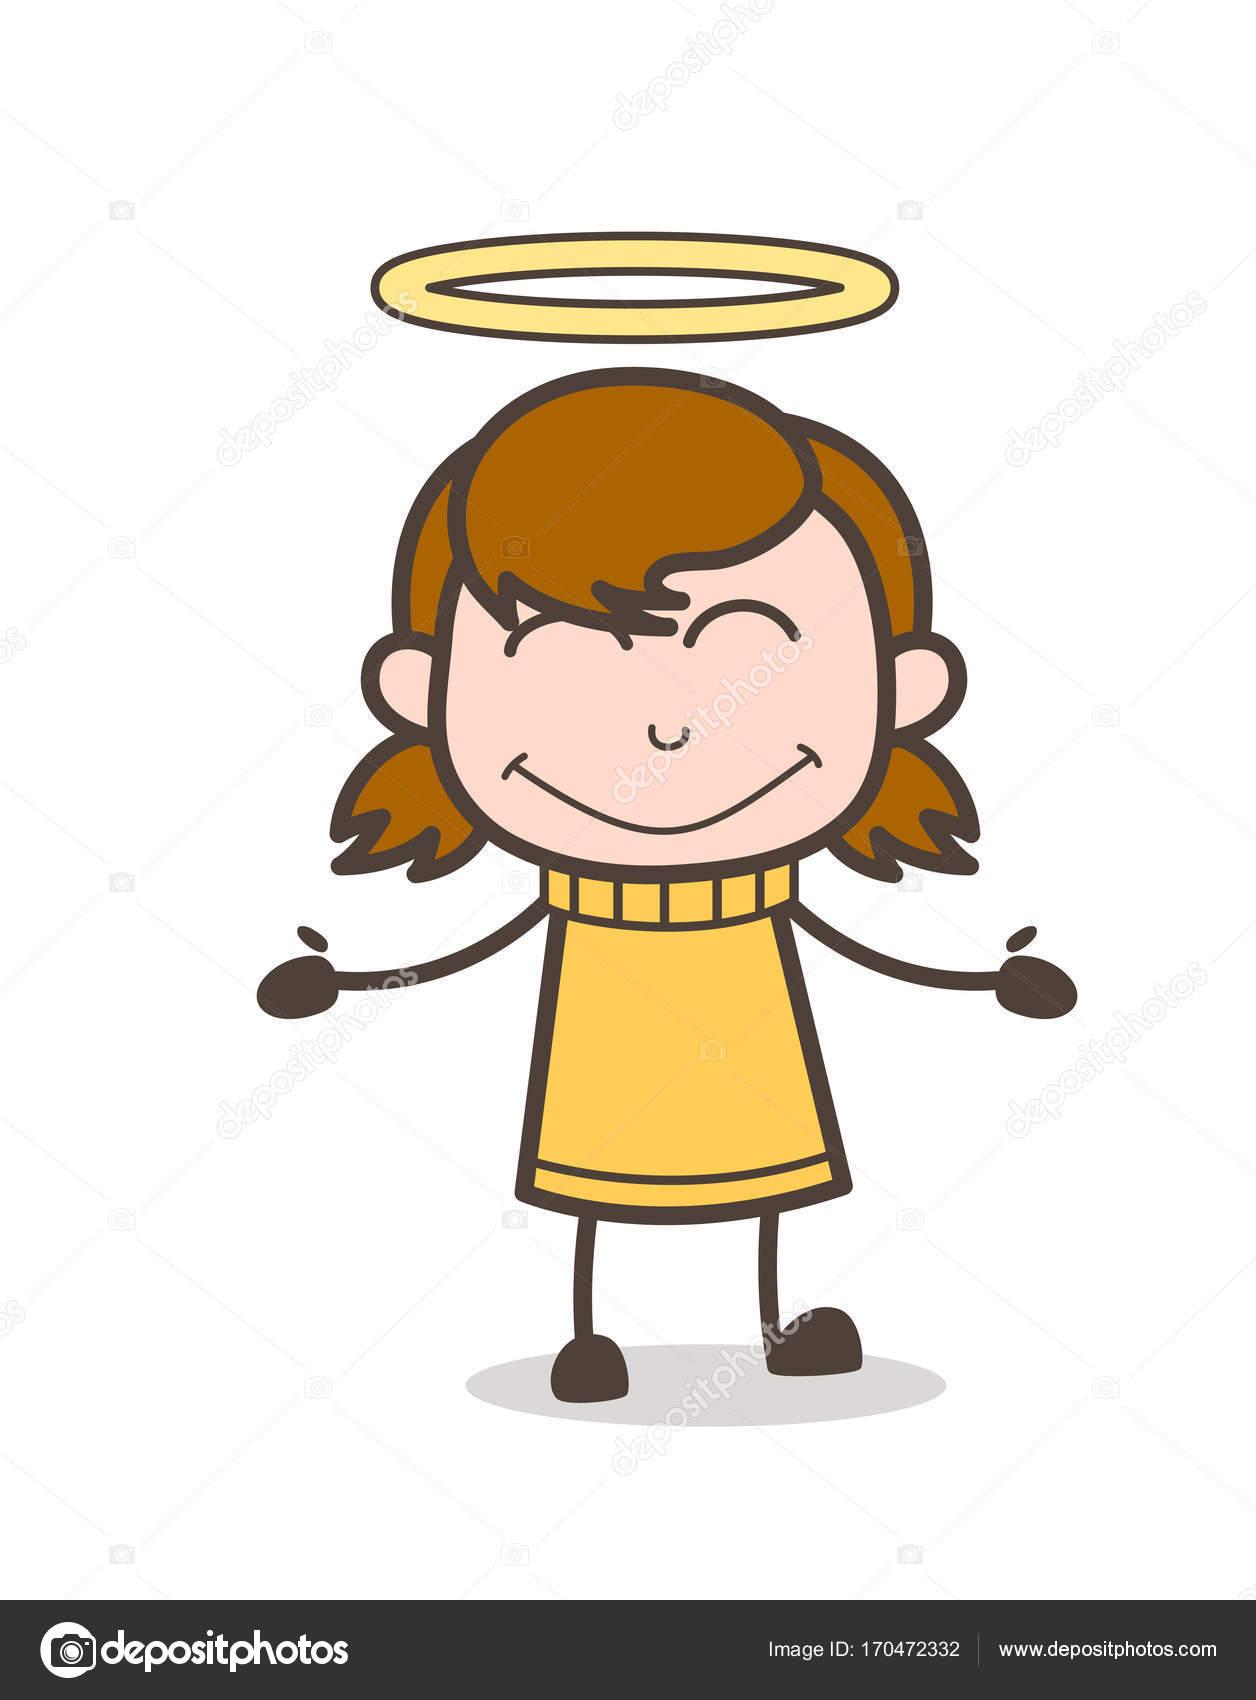 ハロー ベクトル かわいい漫画の女の子イラストと小さな子供の笑顔